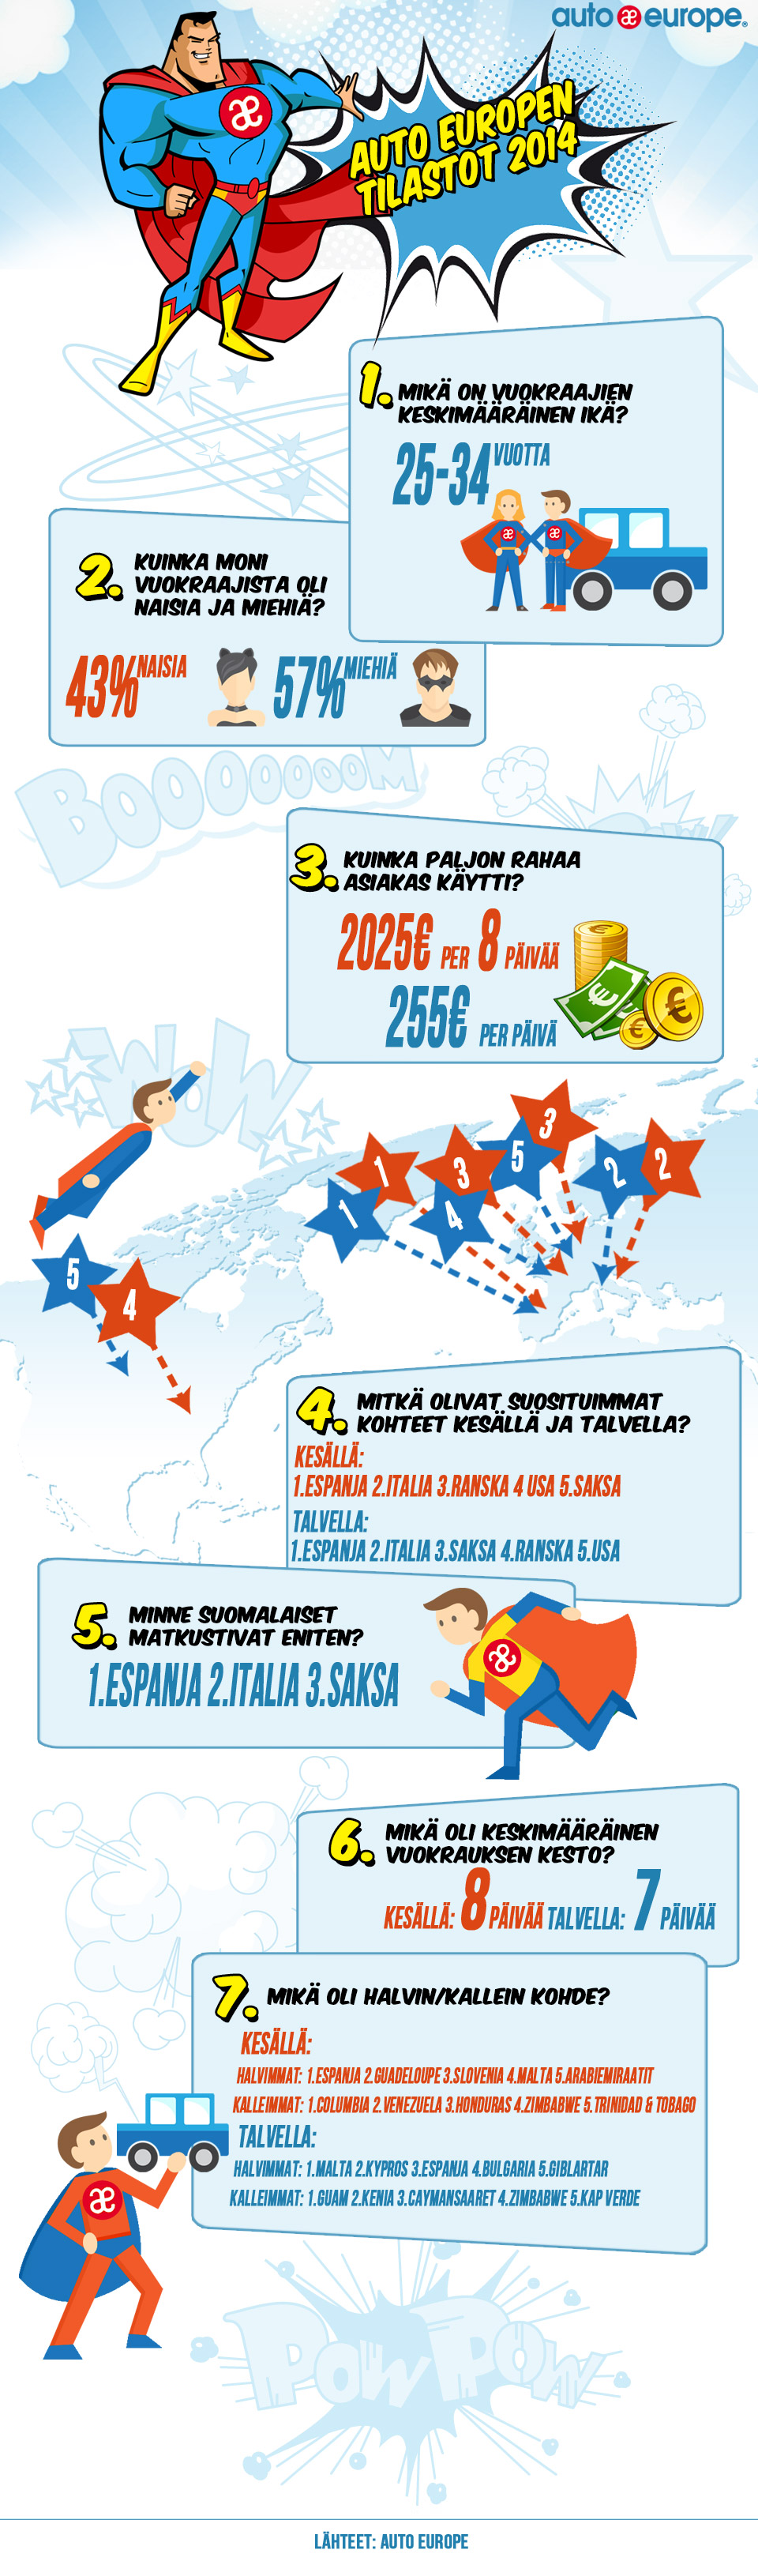 Infografiikka: Auto Europen tilastot 2014 - Muut infografiikkamme löydät täältä: http://www.autoeurope.fi/go/infographics/